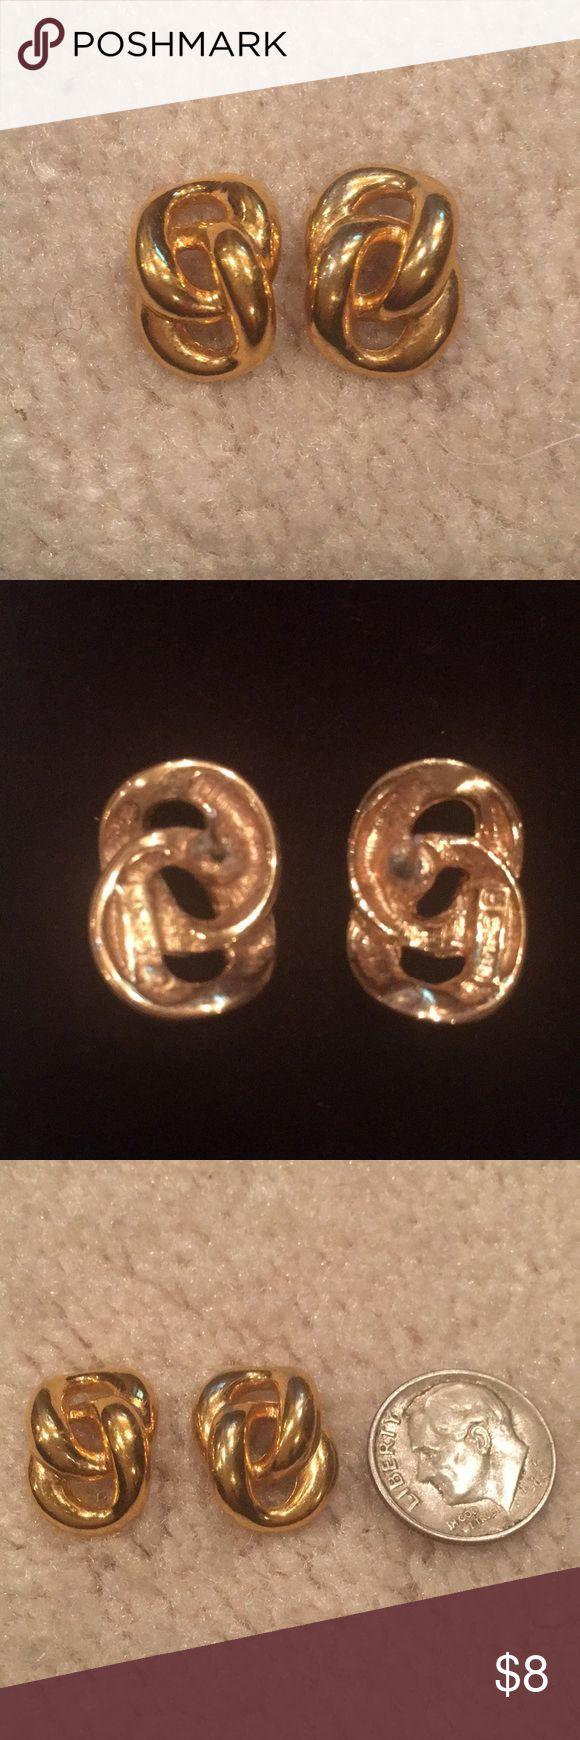 Gold pierced ears Gold double link pierced earrings Jewelry Earrings